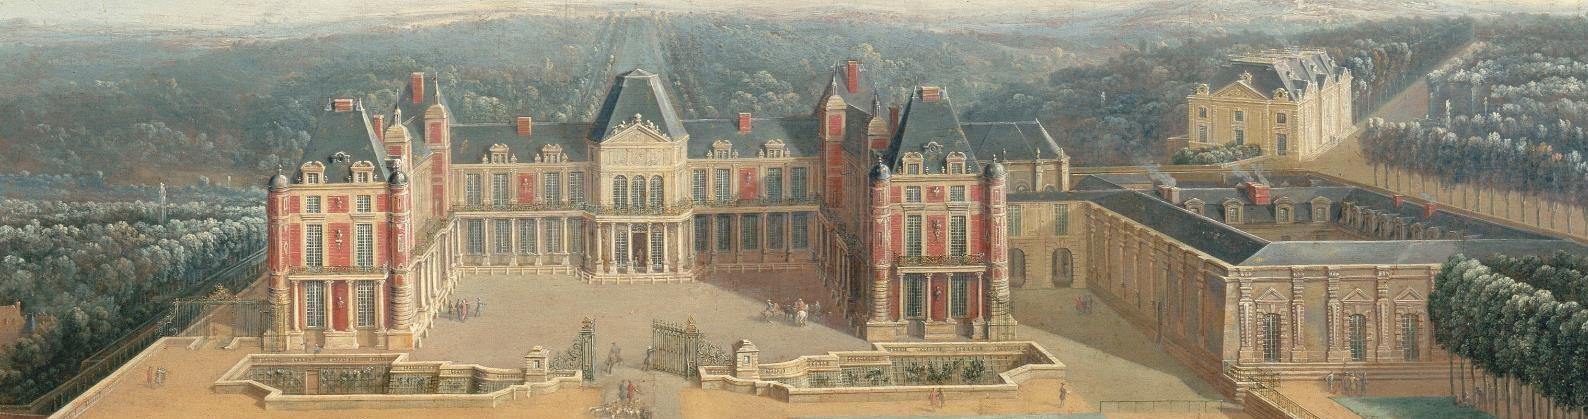 Meudon panoramique chateau 1723 pierre denis martin